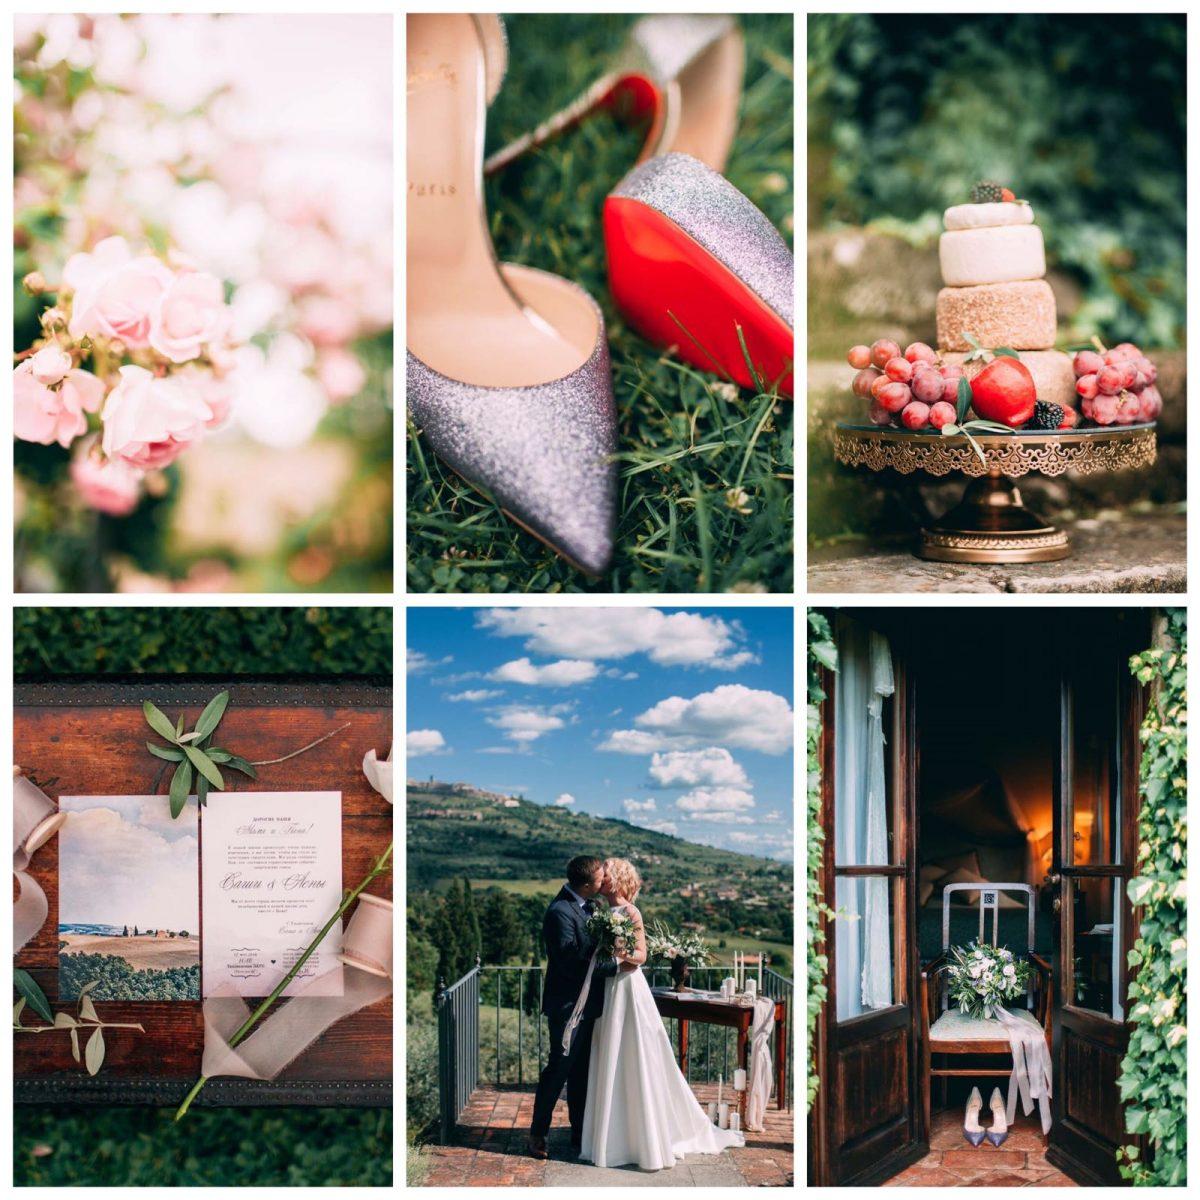 Свадебный фотограф в Италии, wedding photographer in Paris,Фотограф в Париже, свадебный фотограф в Таллинне, швейцарии, испании, париже, фотограф в Риге